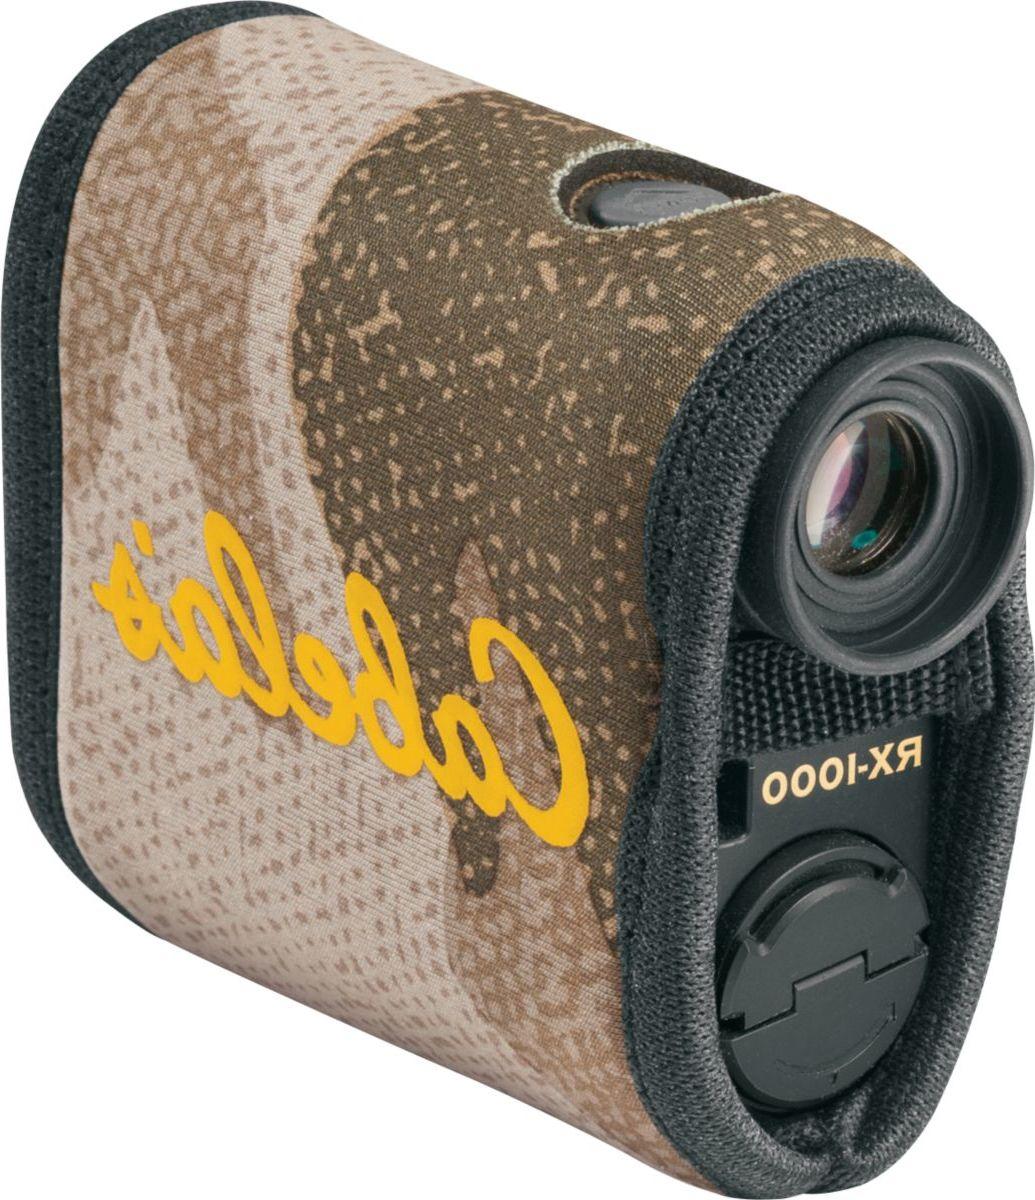 Cabela's Rangefinder Covers